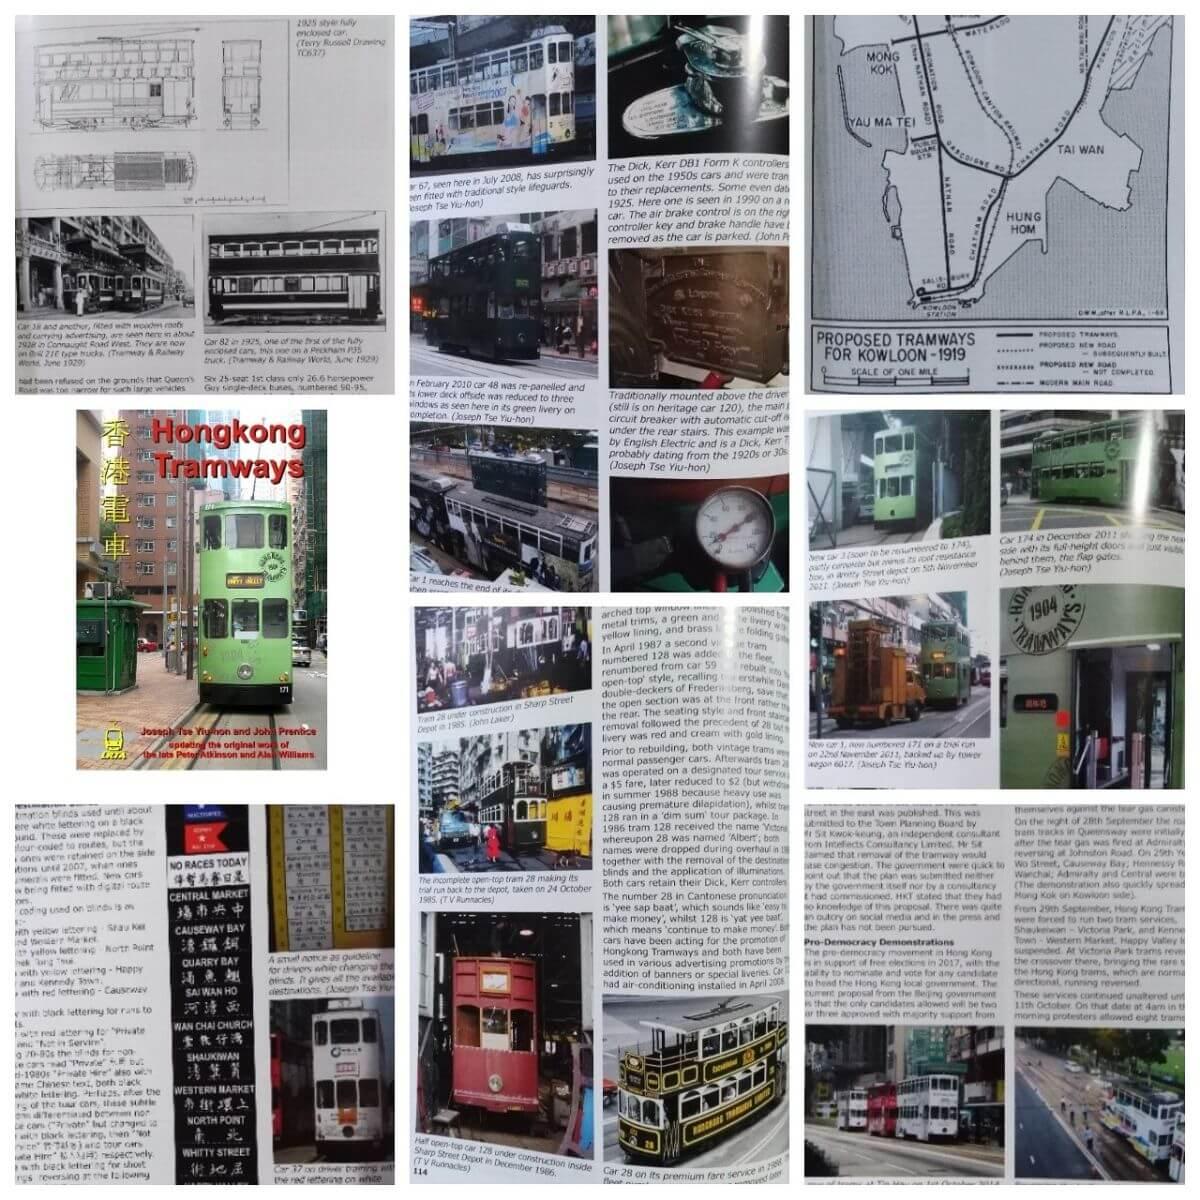 Tramways, HK New Joseph Tse 2017 Book Preview Image